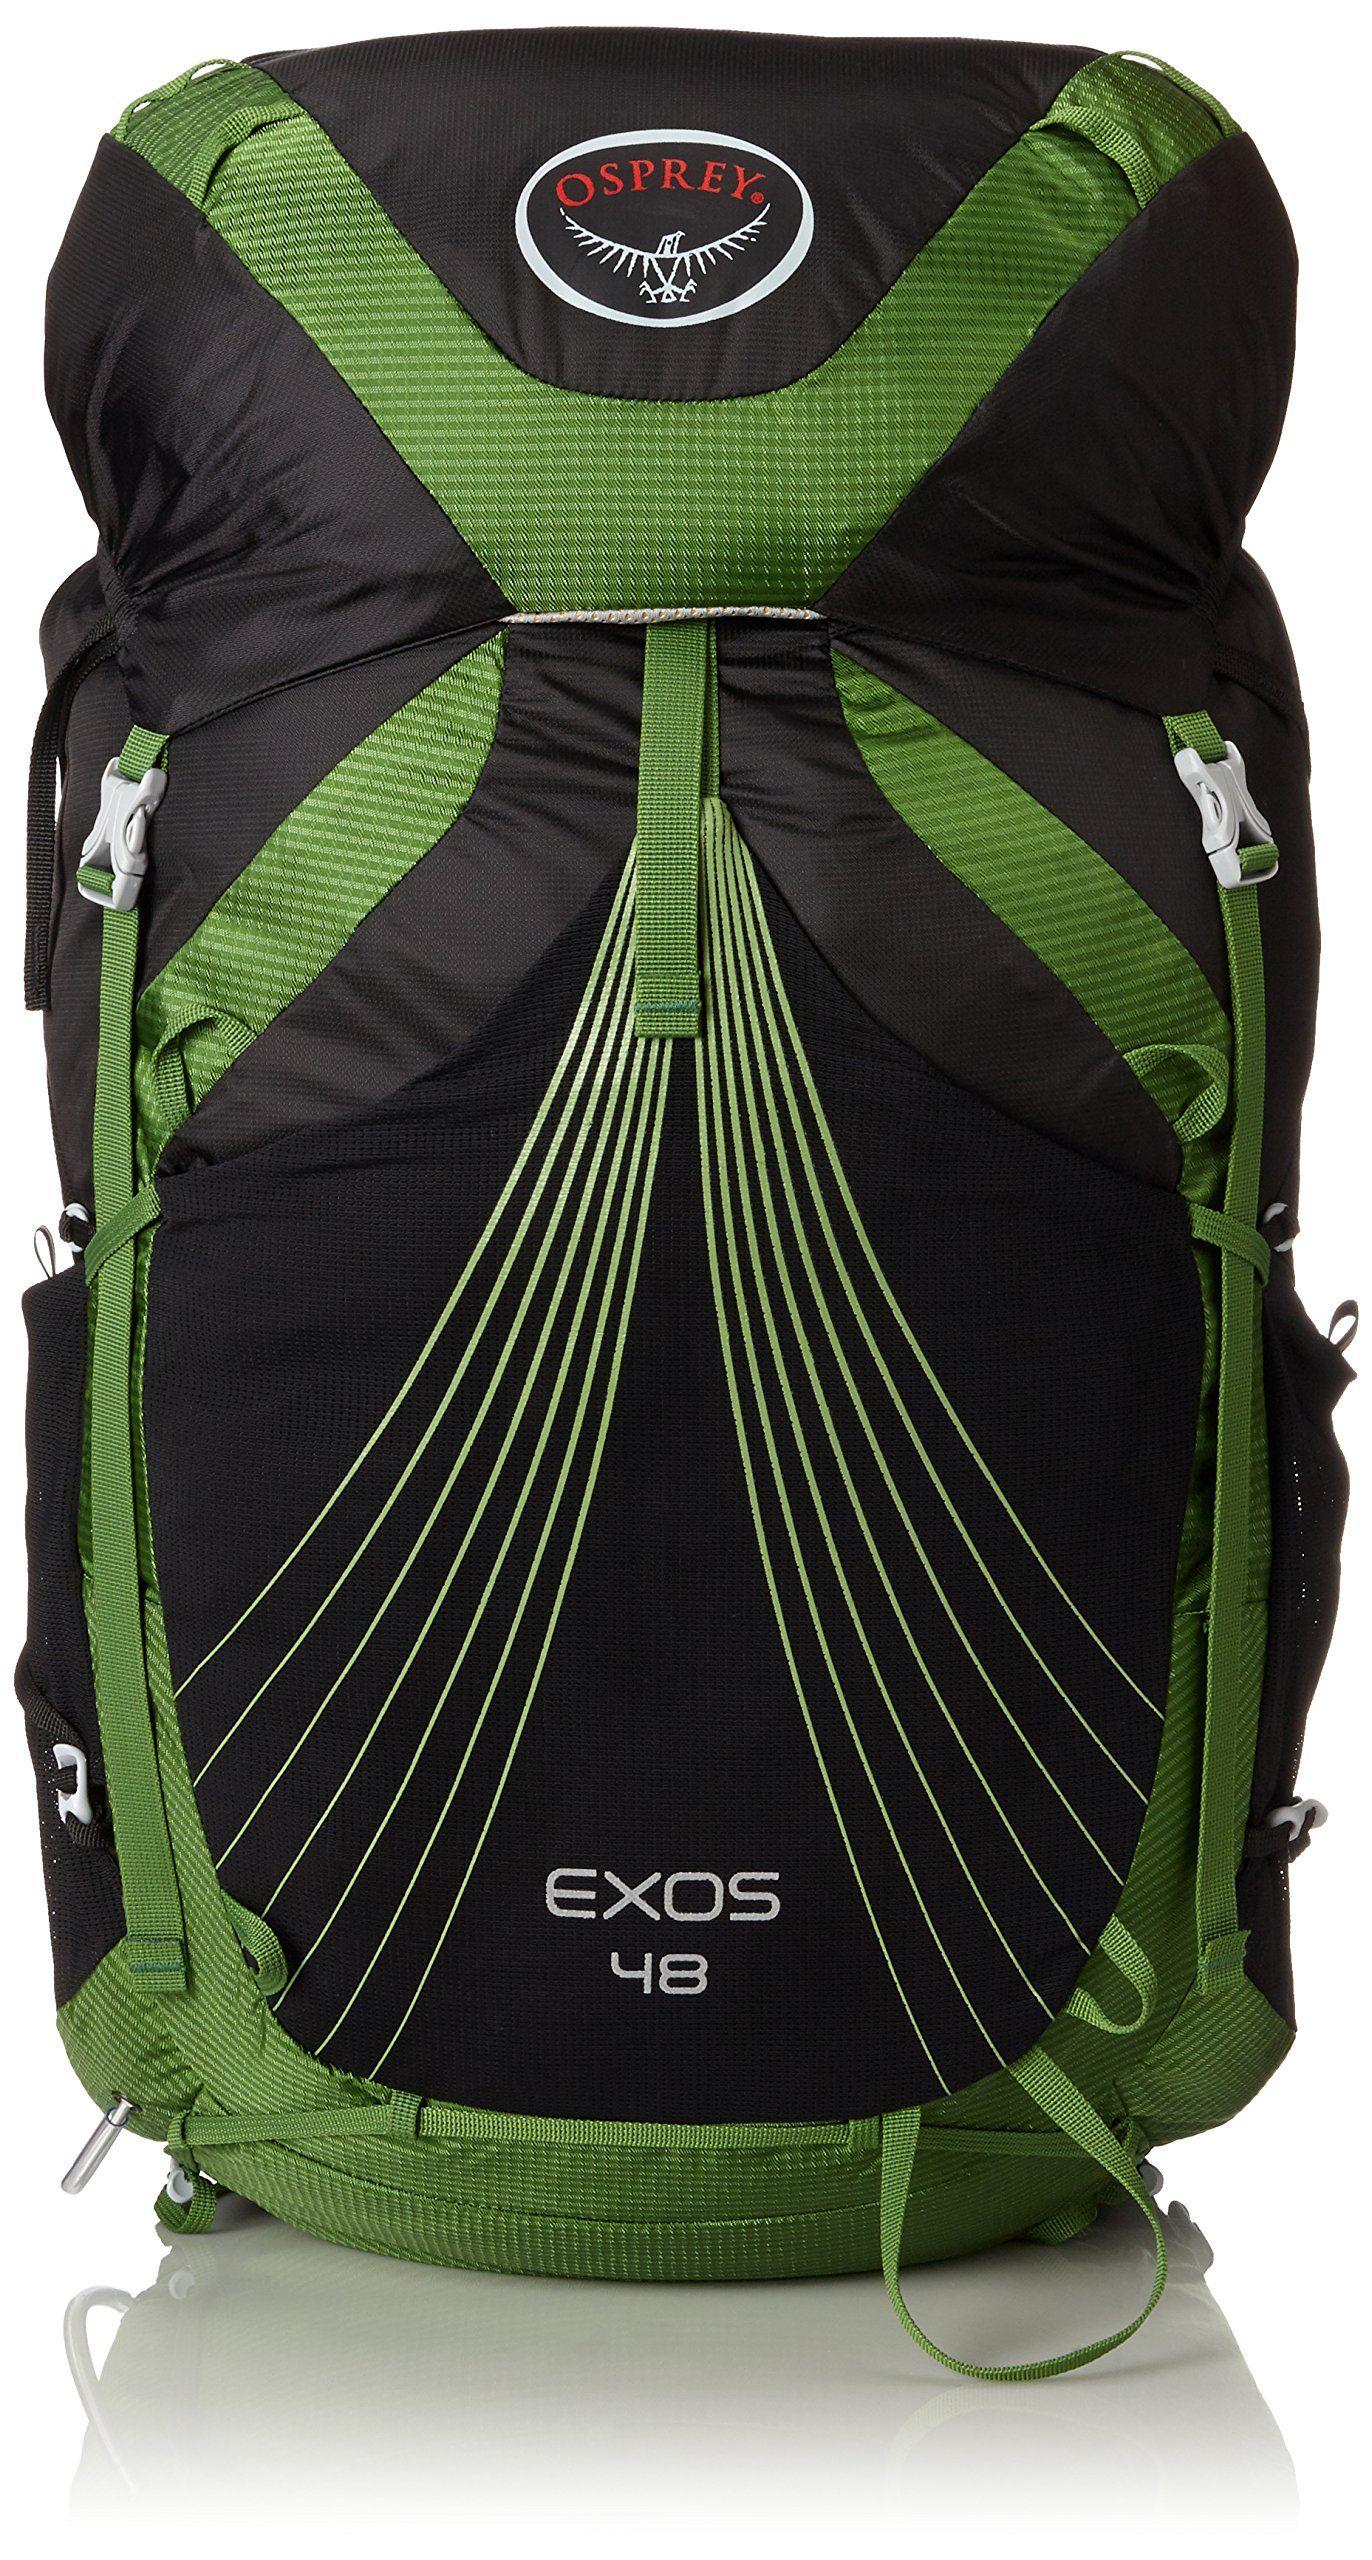 608763934e19 Osprey Packs Exos 48 Backpack, Basalt Black, Medium | Backpacking ...